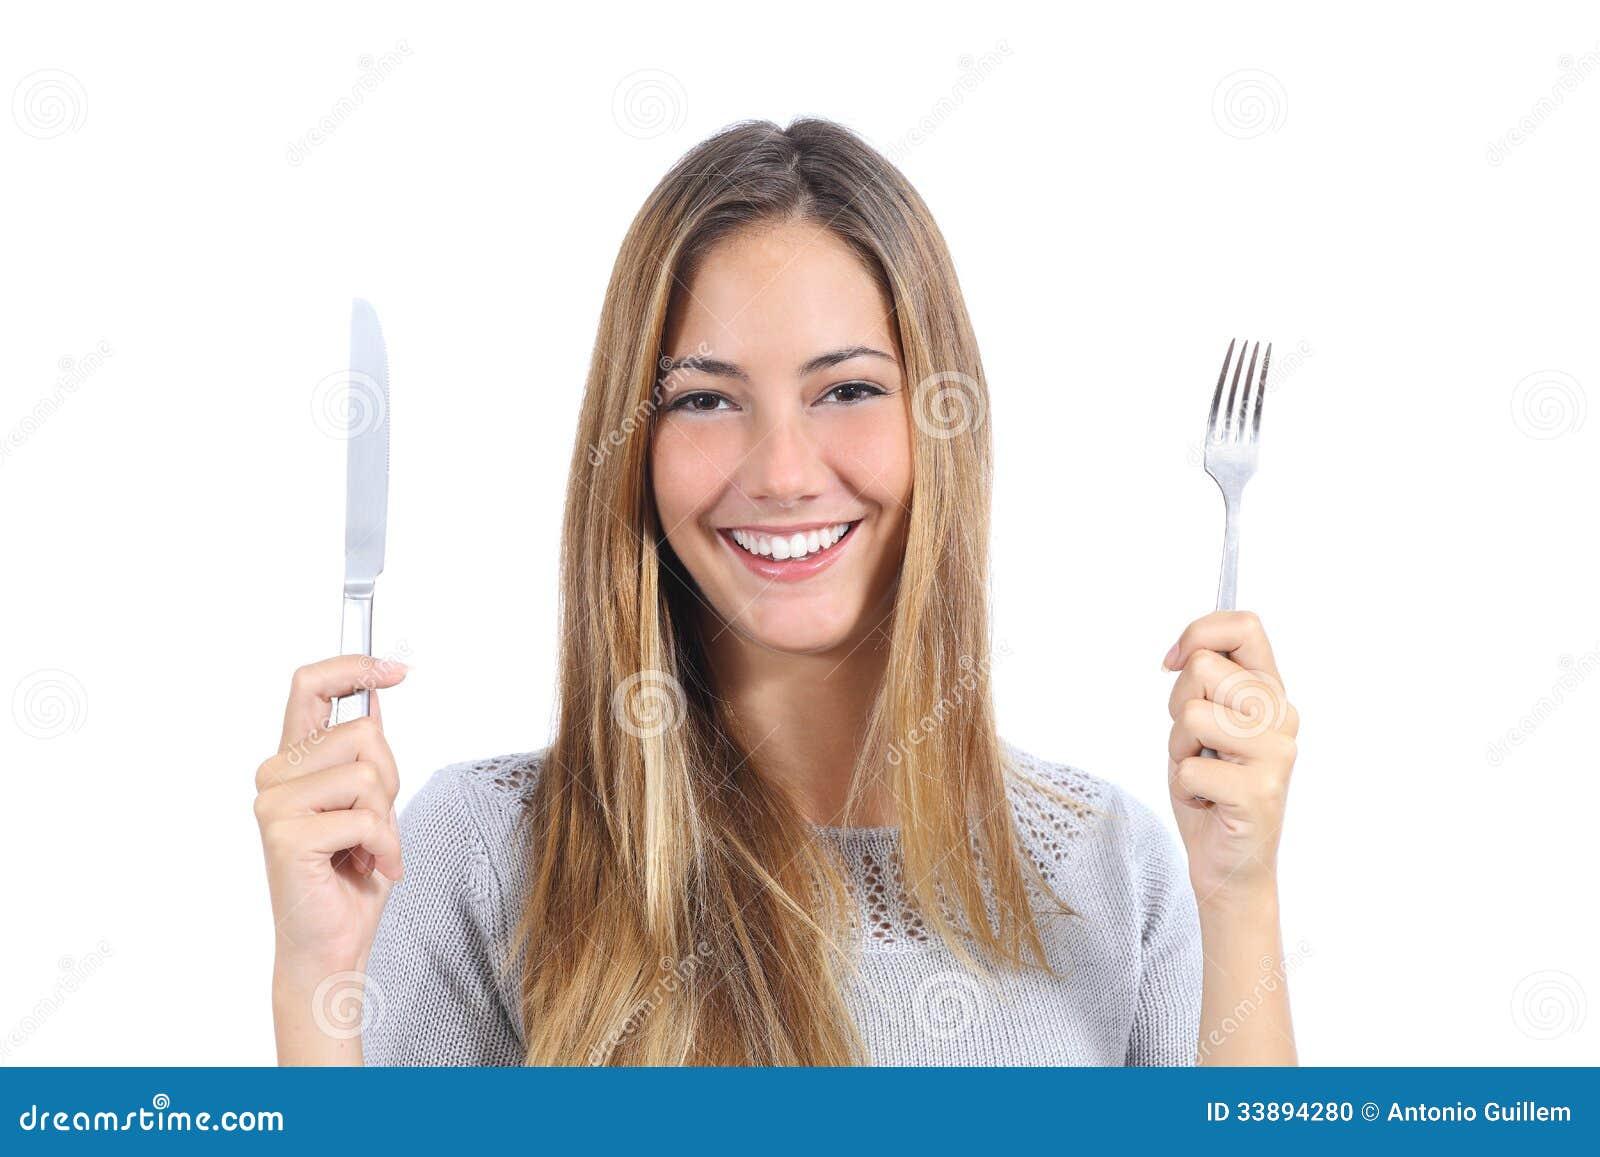 mulher-bonita-que-guarda-uma-forquilha-e-uma-faca-de-tabela-33894280.jpg